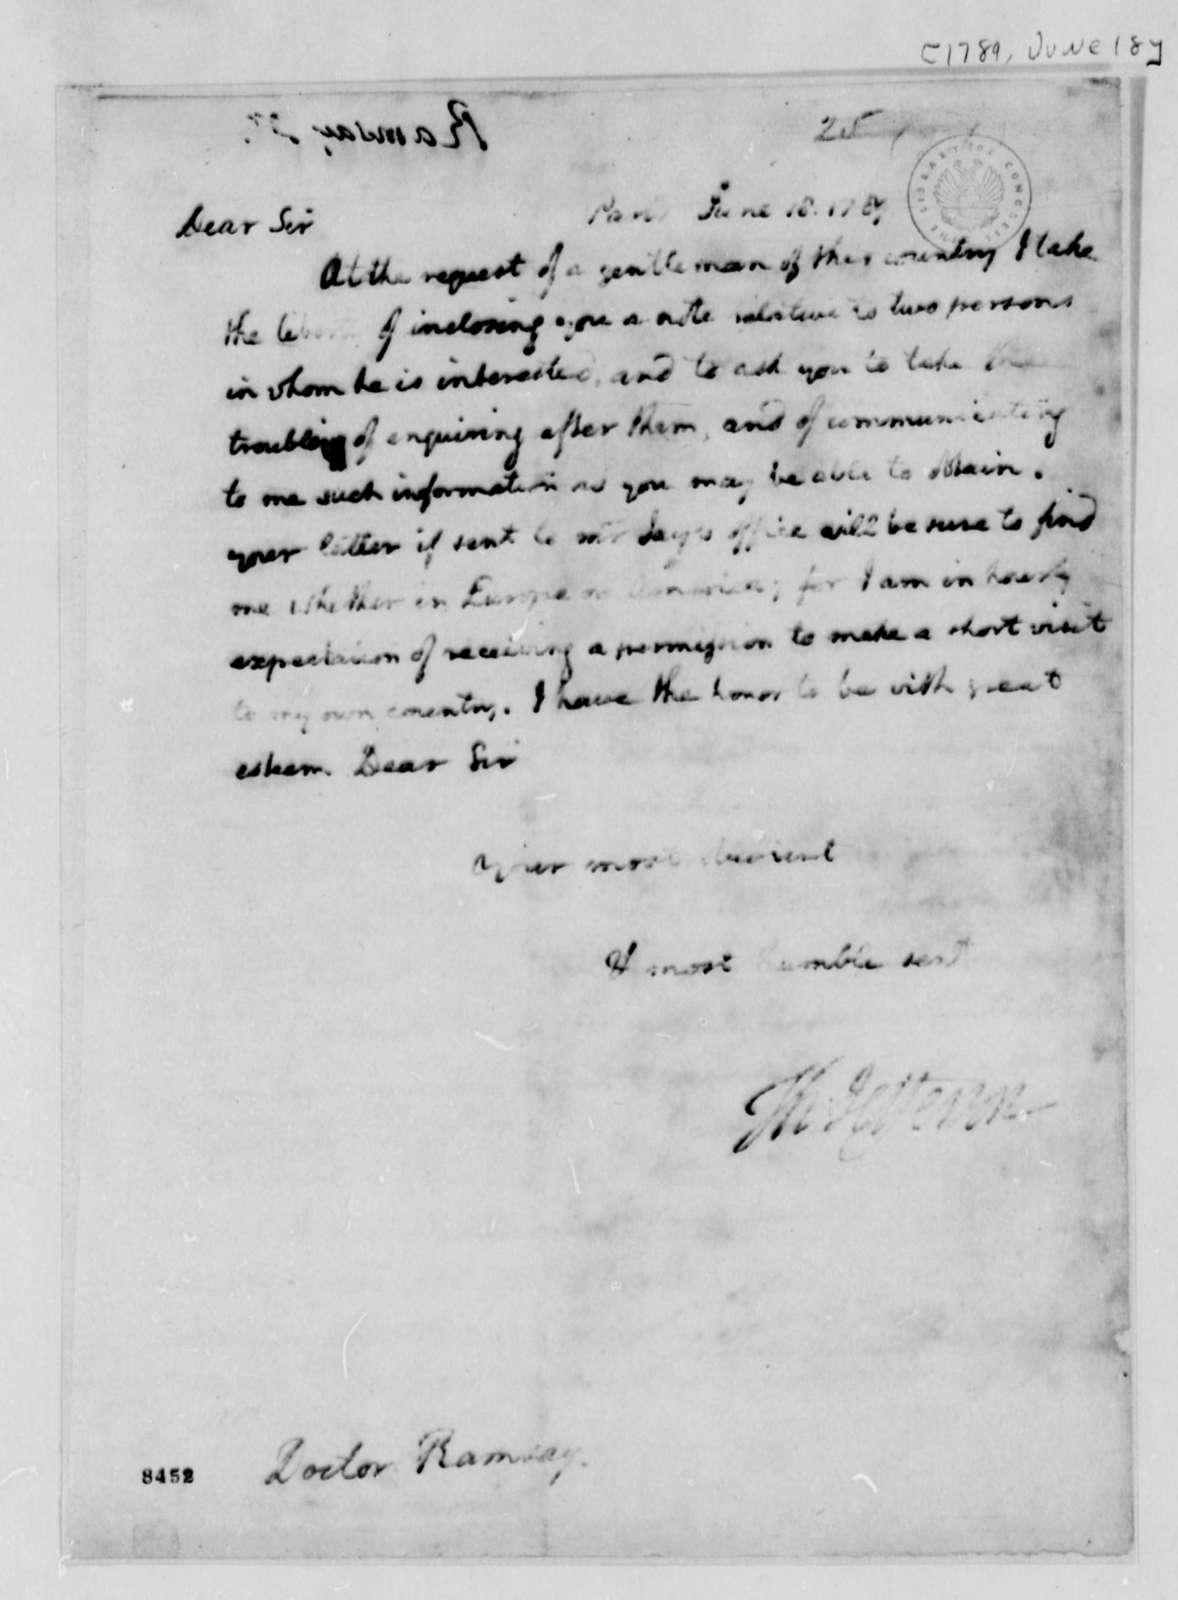 Thomas Jefferson to David Ramsay, June 18, 1789